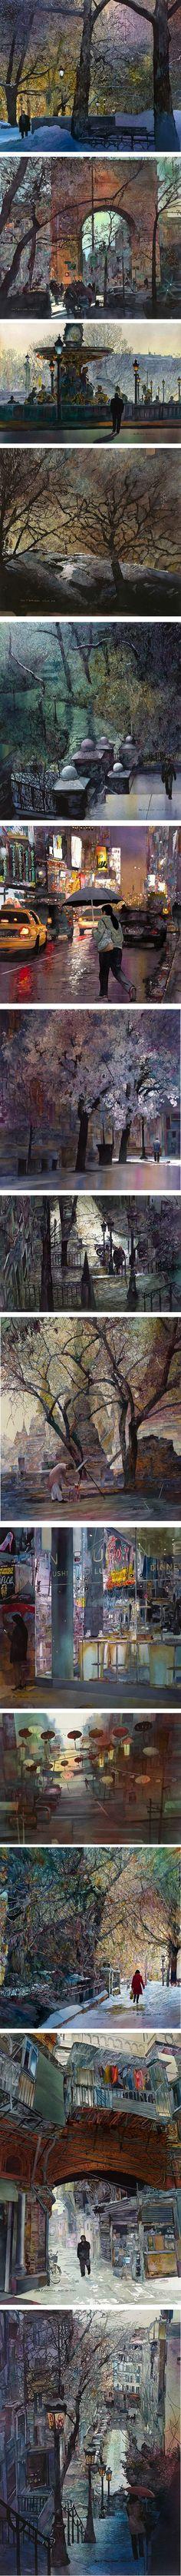 John Salminen watercolors